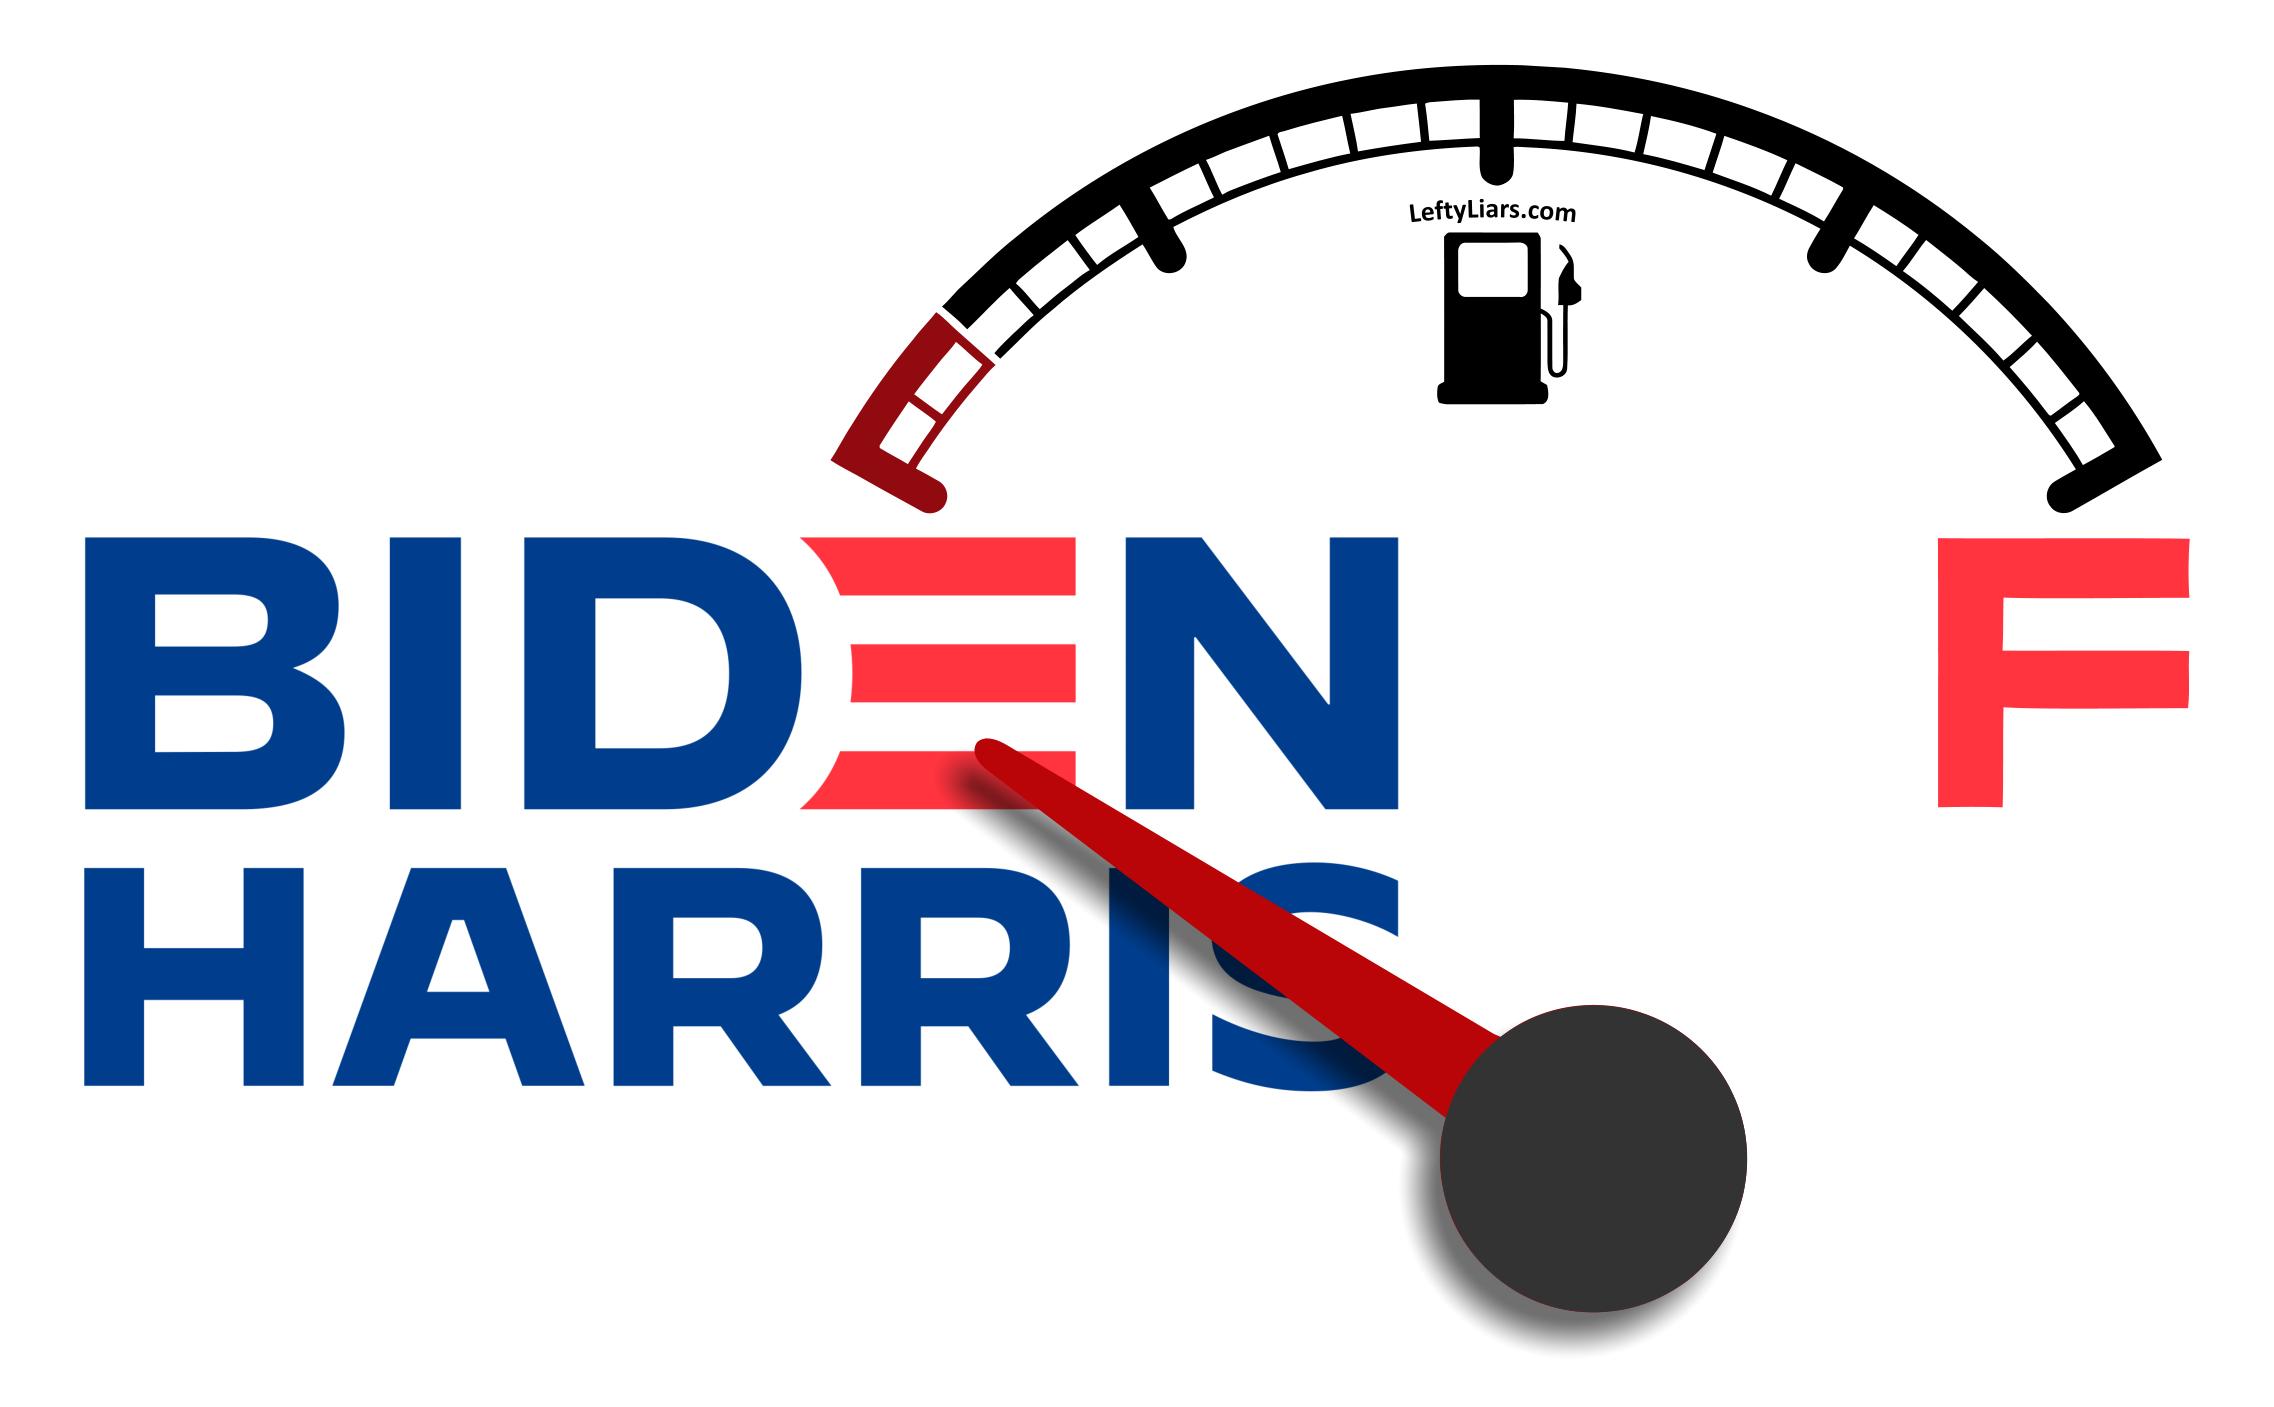 Biden Harris fuel gauge on empty